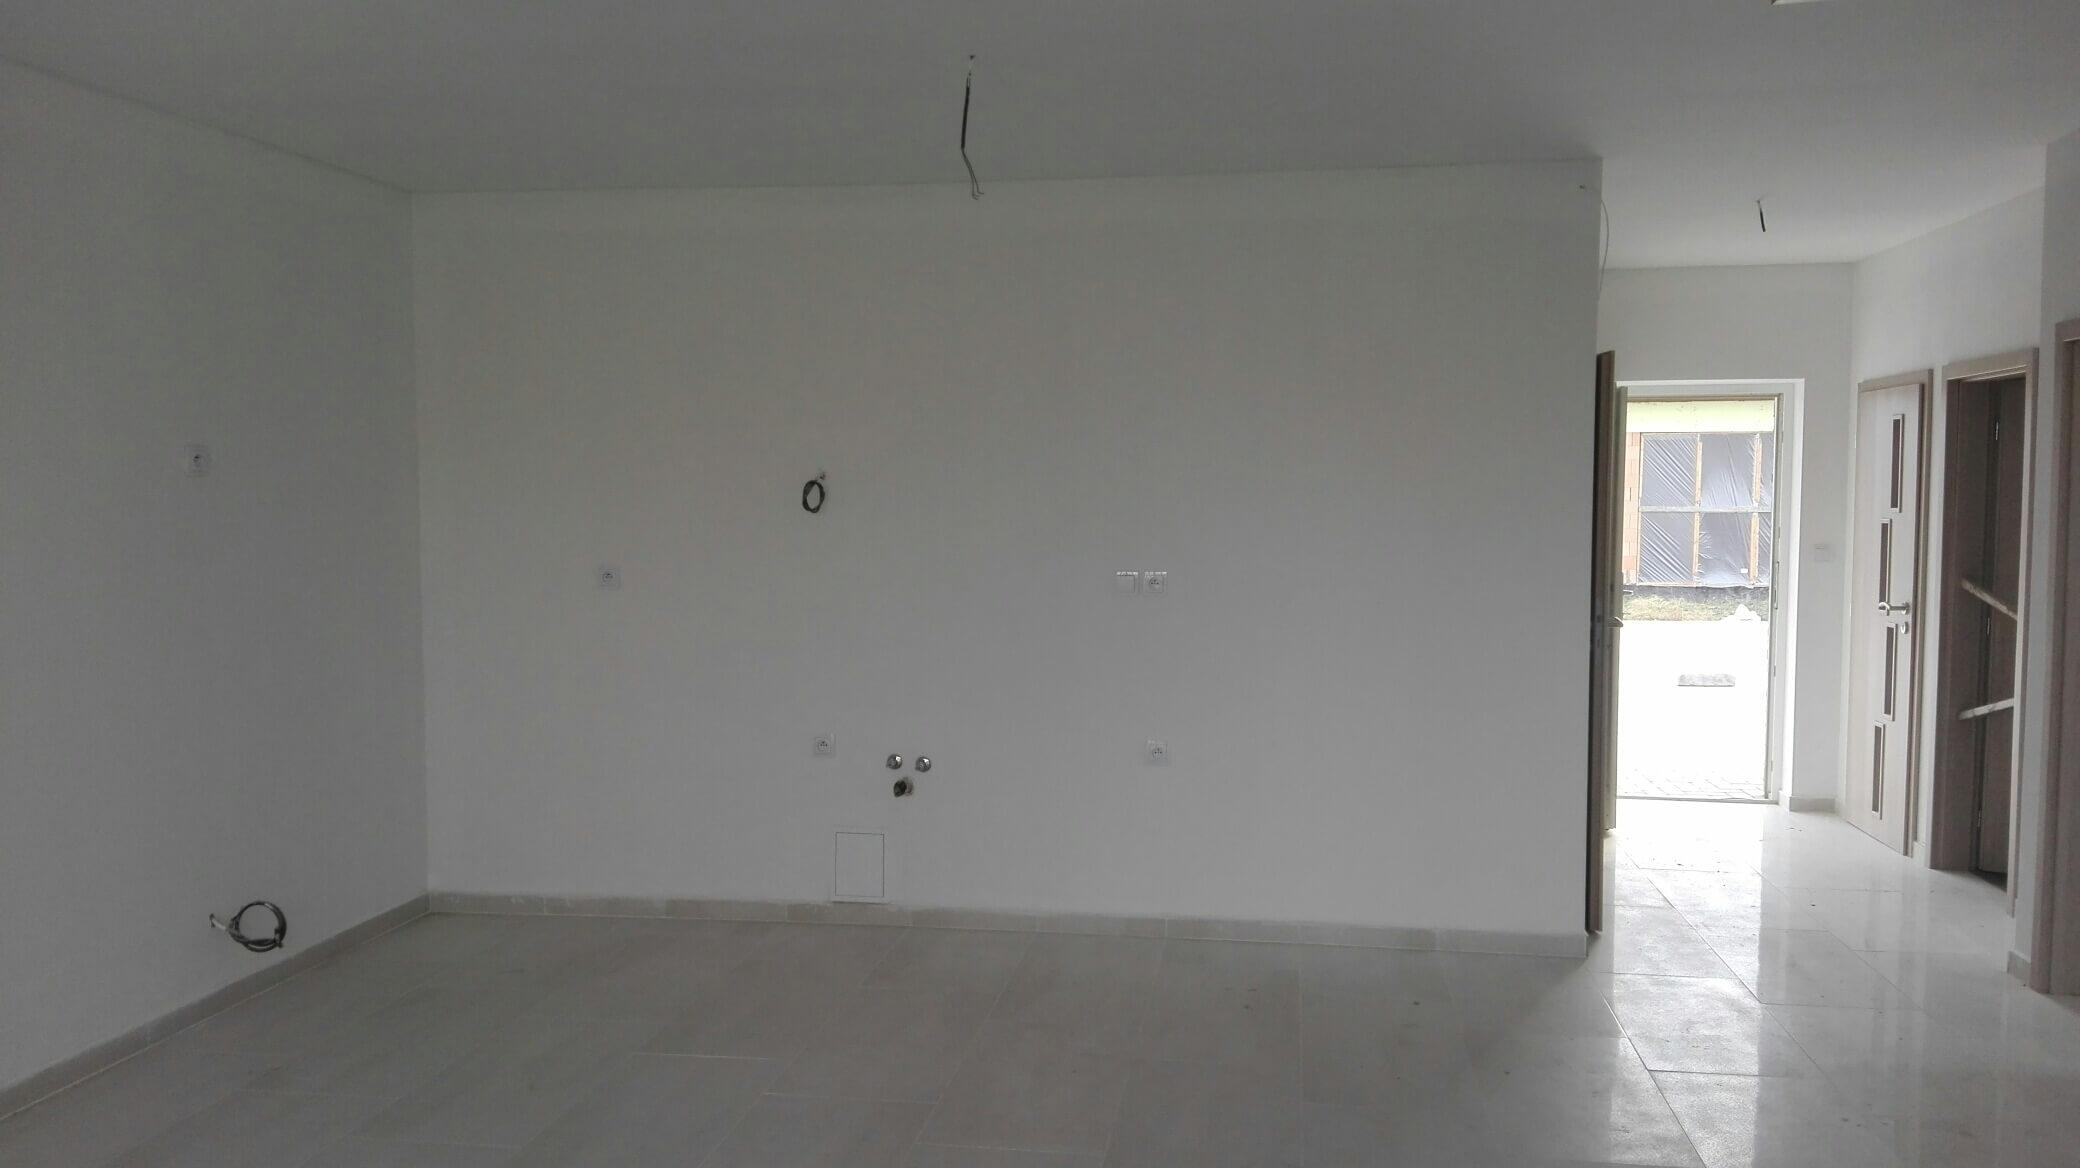 Predané: Novostavba na kľúč + kuchyňa + pozemok len za 98 000 Eur, iba 25km od Bratislavy-4